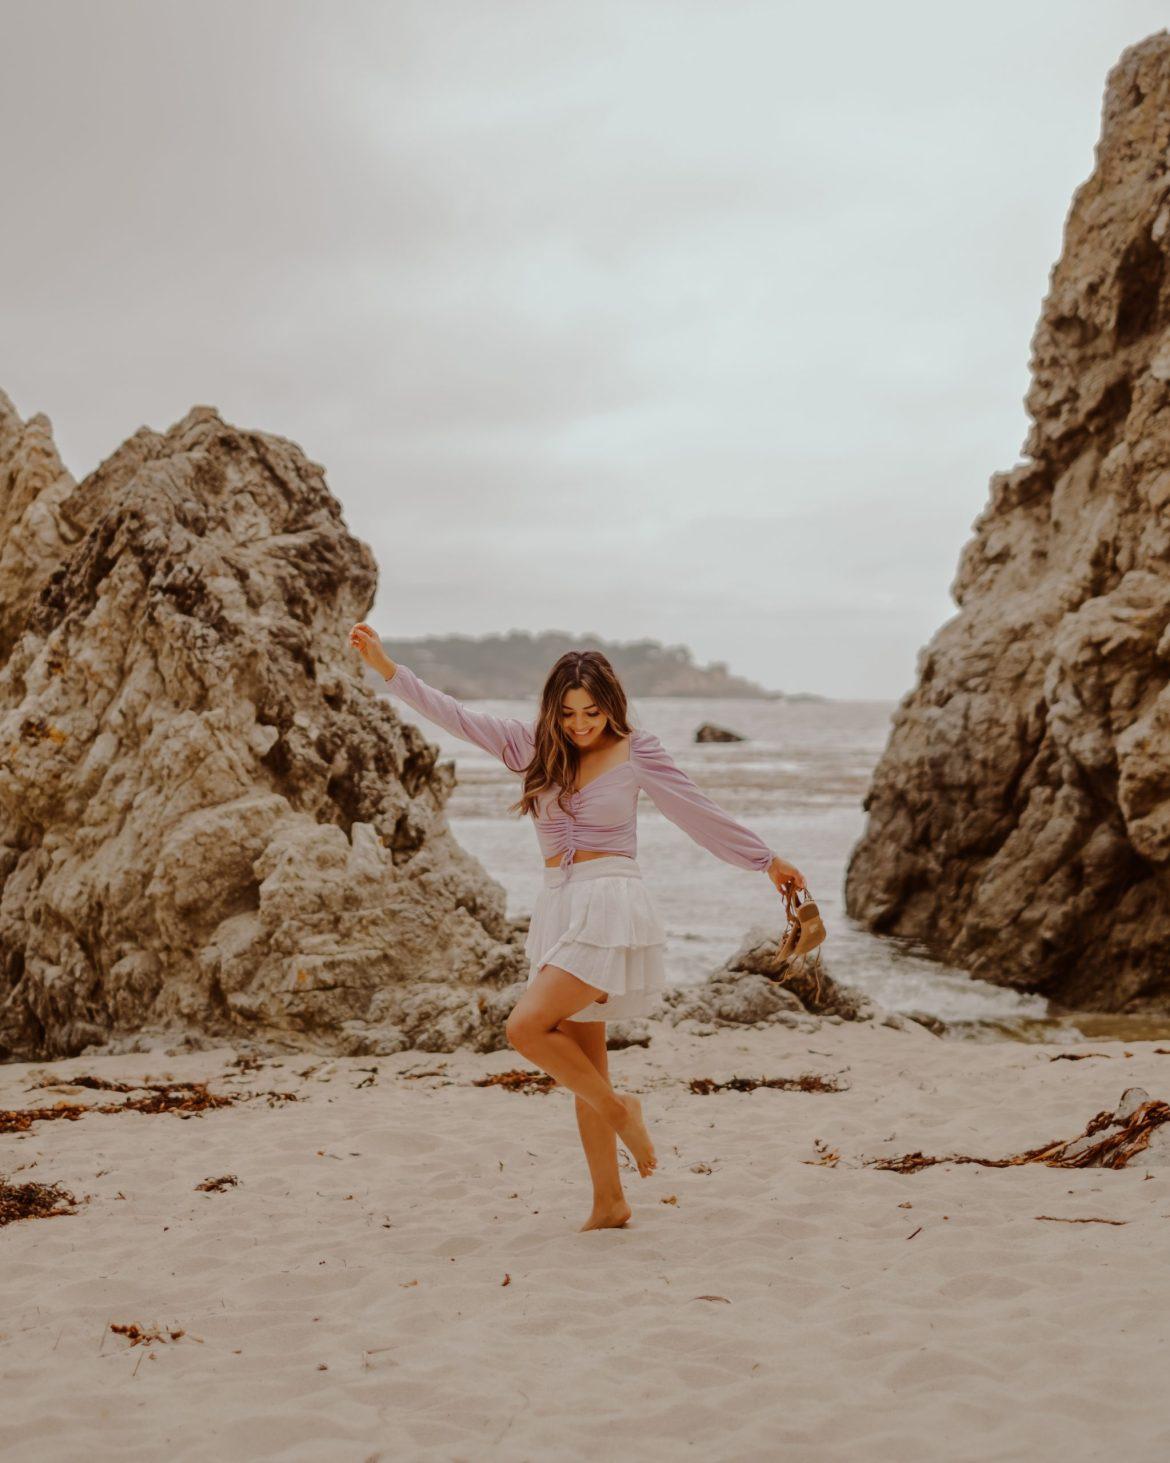 Gibson Beach, Point Lobos, Carmel -